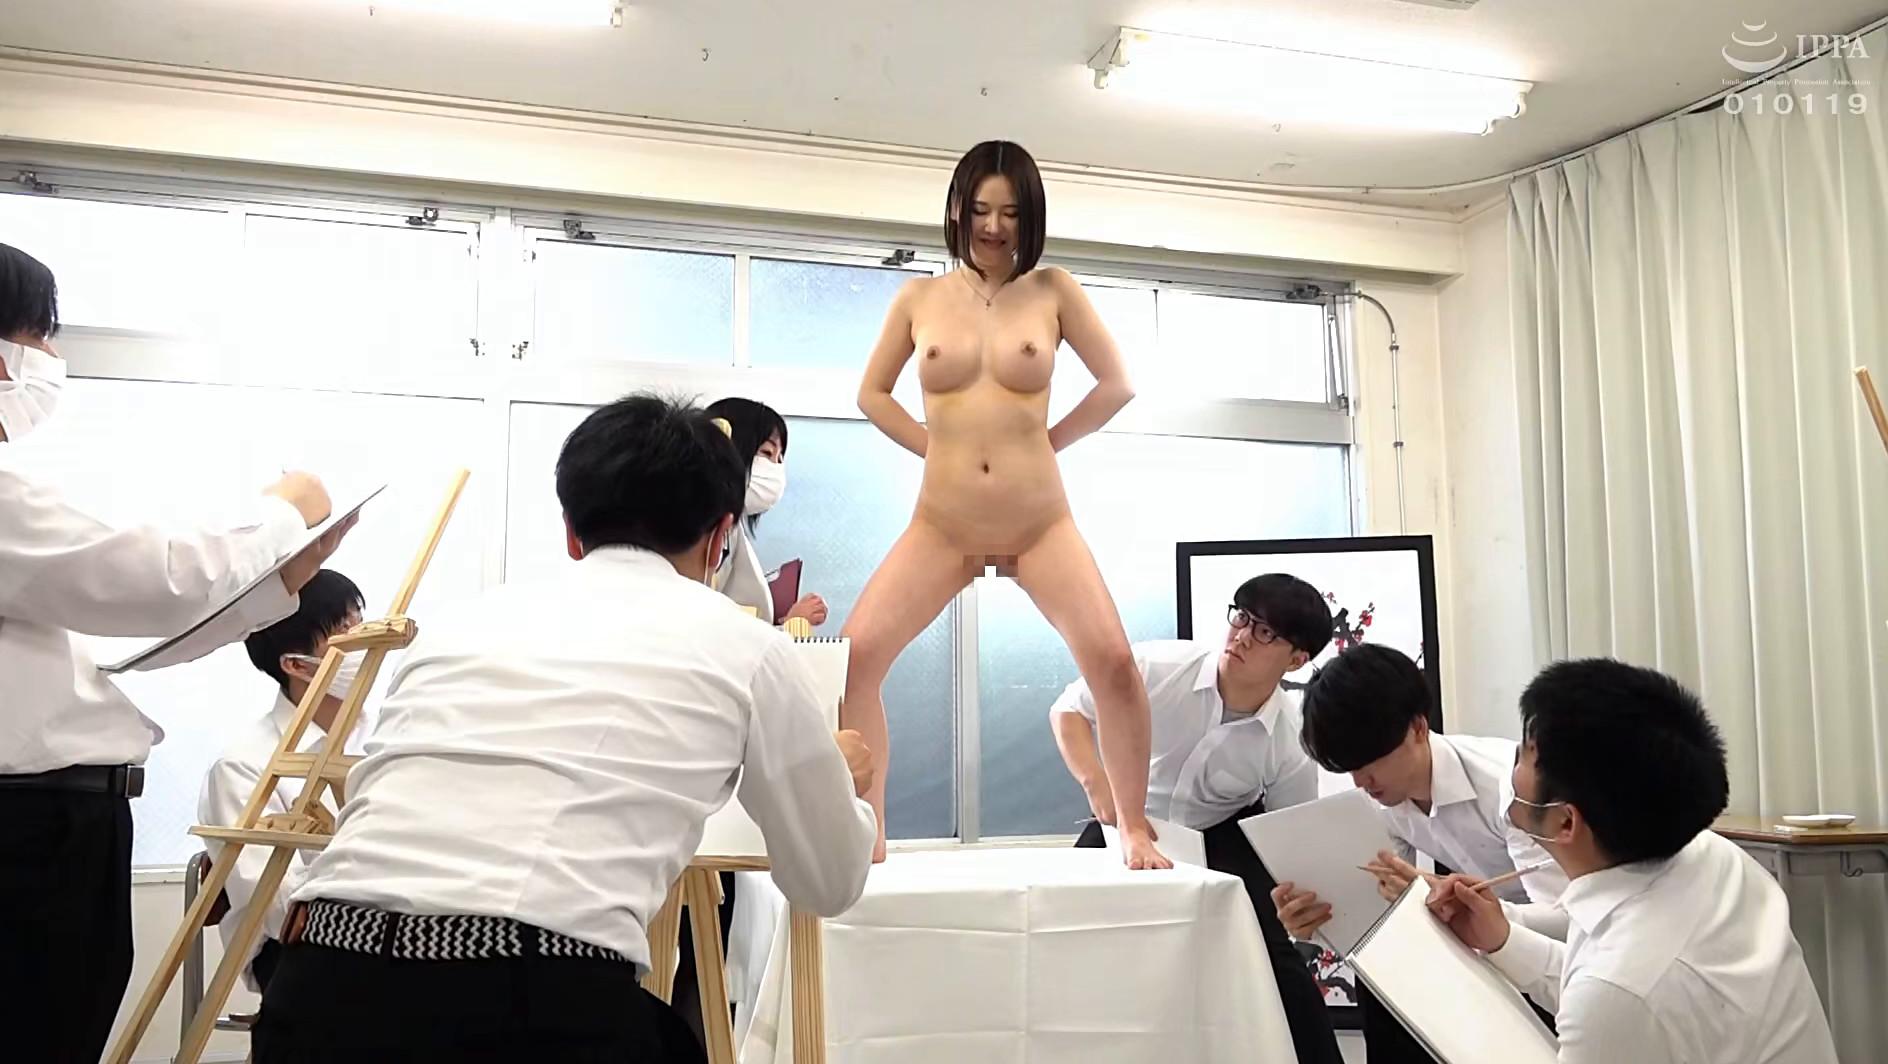 羞恥!春画のデッサンモデルにされる新任女教師! 皆川るい 画像4